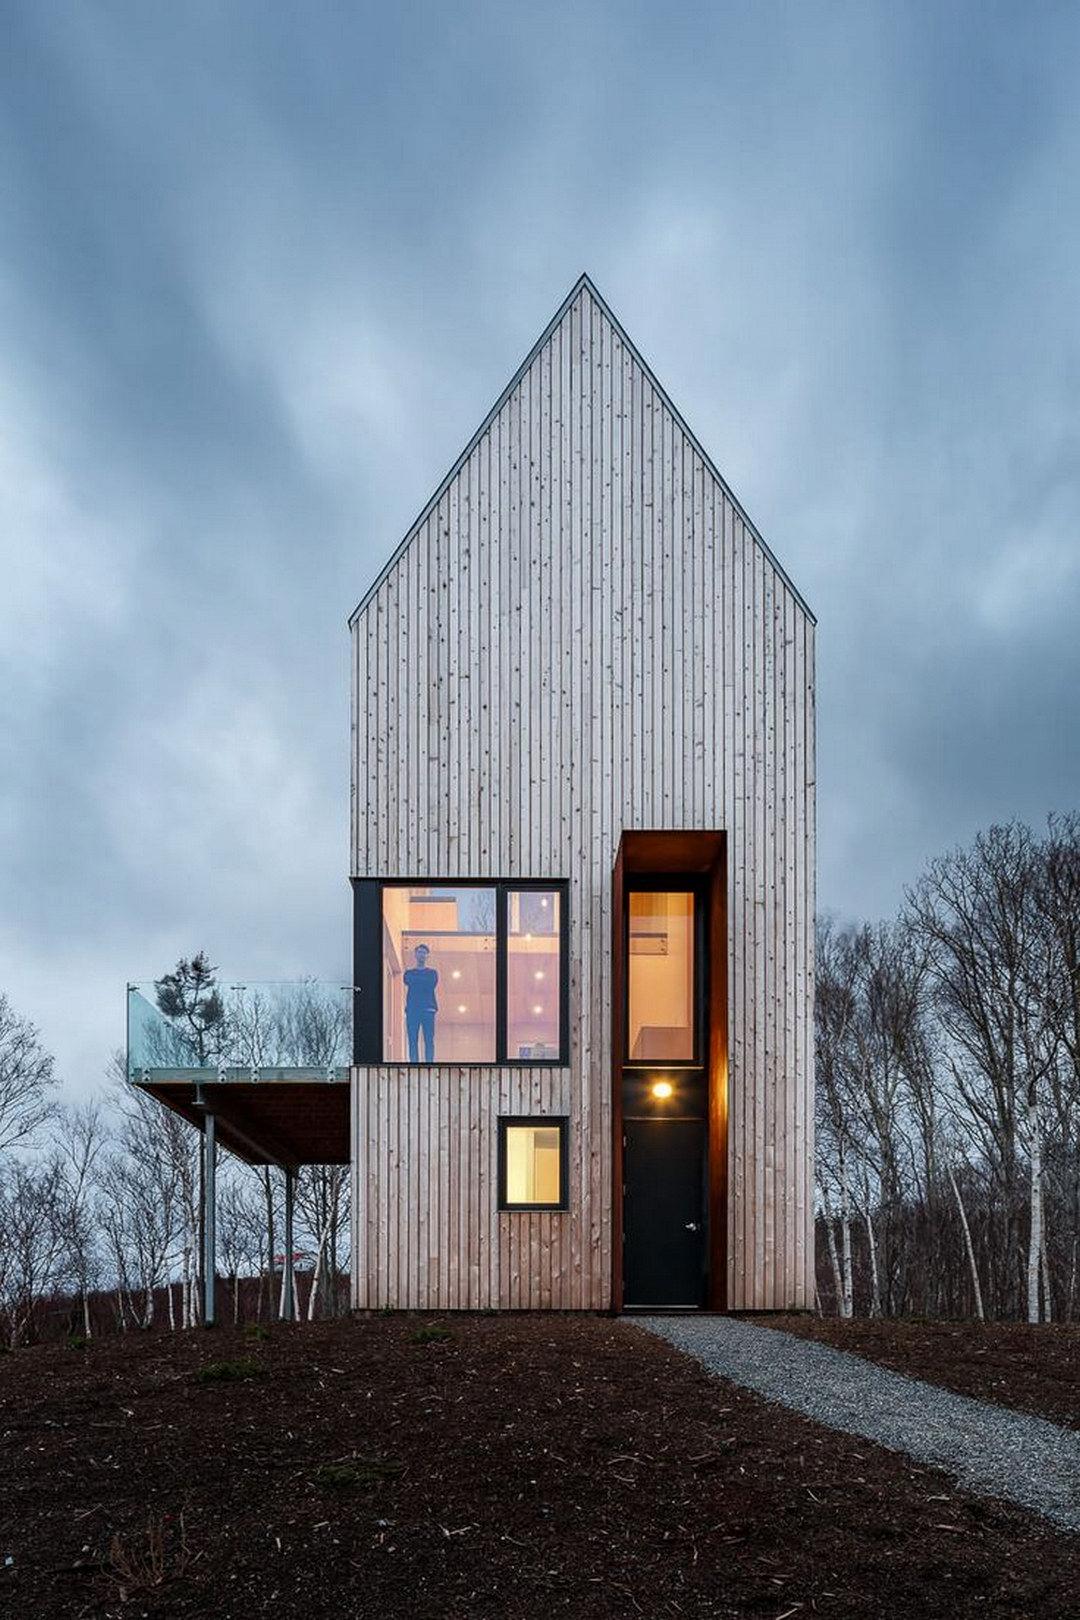 66 incredible house design inspirations - Buro Zu Hause Mit Seestuckunglaubliche Bild